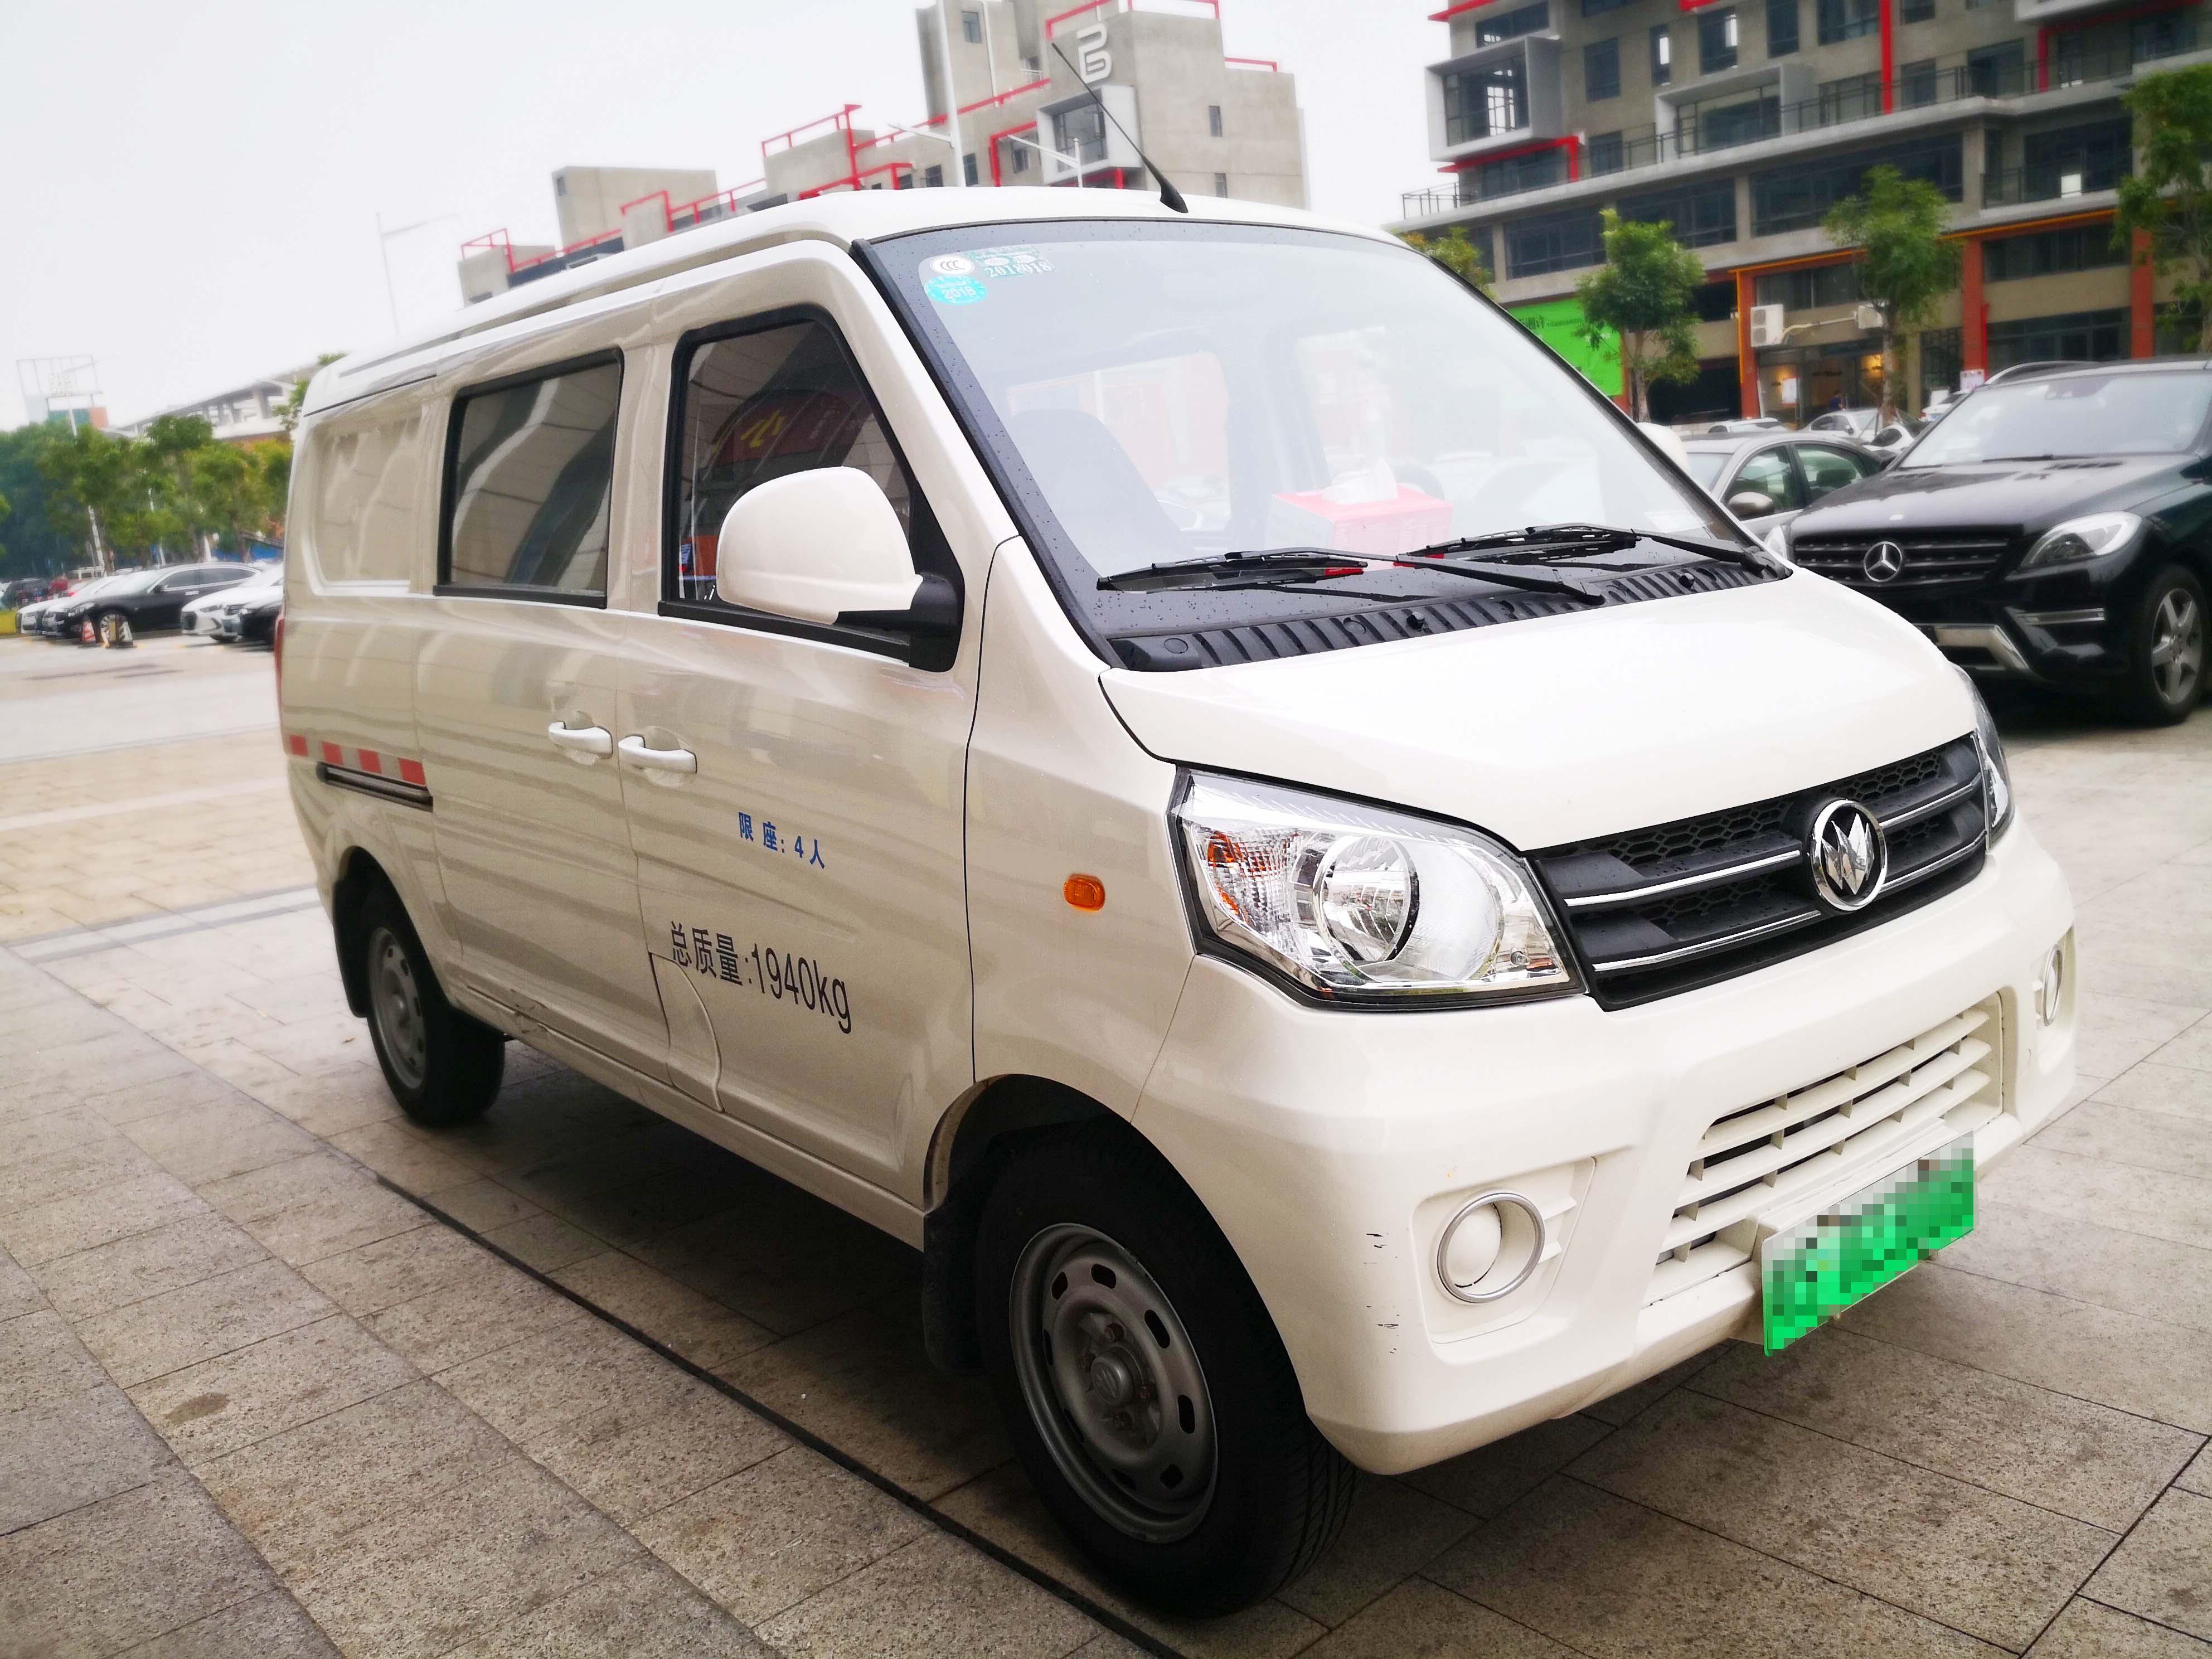 东莞南城纯电动汽车租售,以租代购-福汽启腾m70!